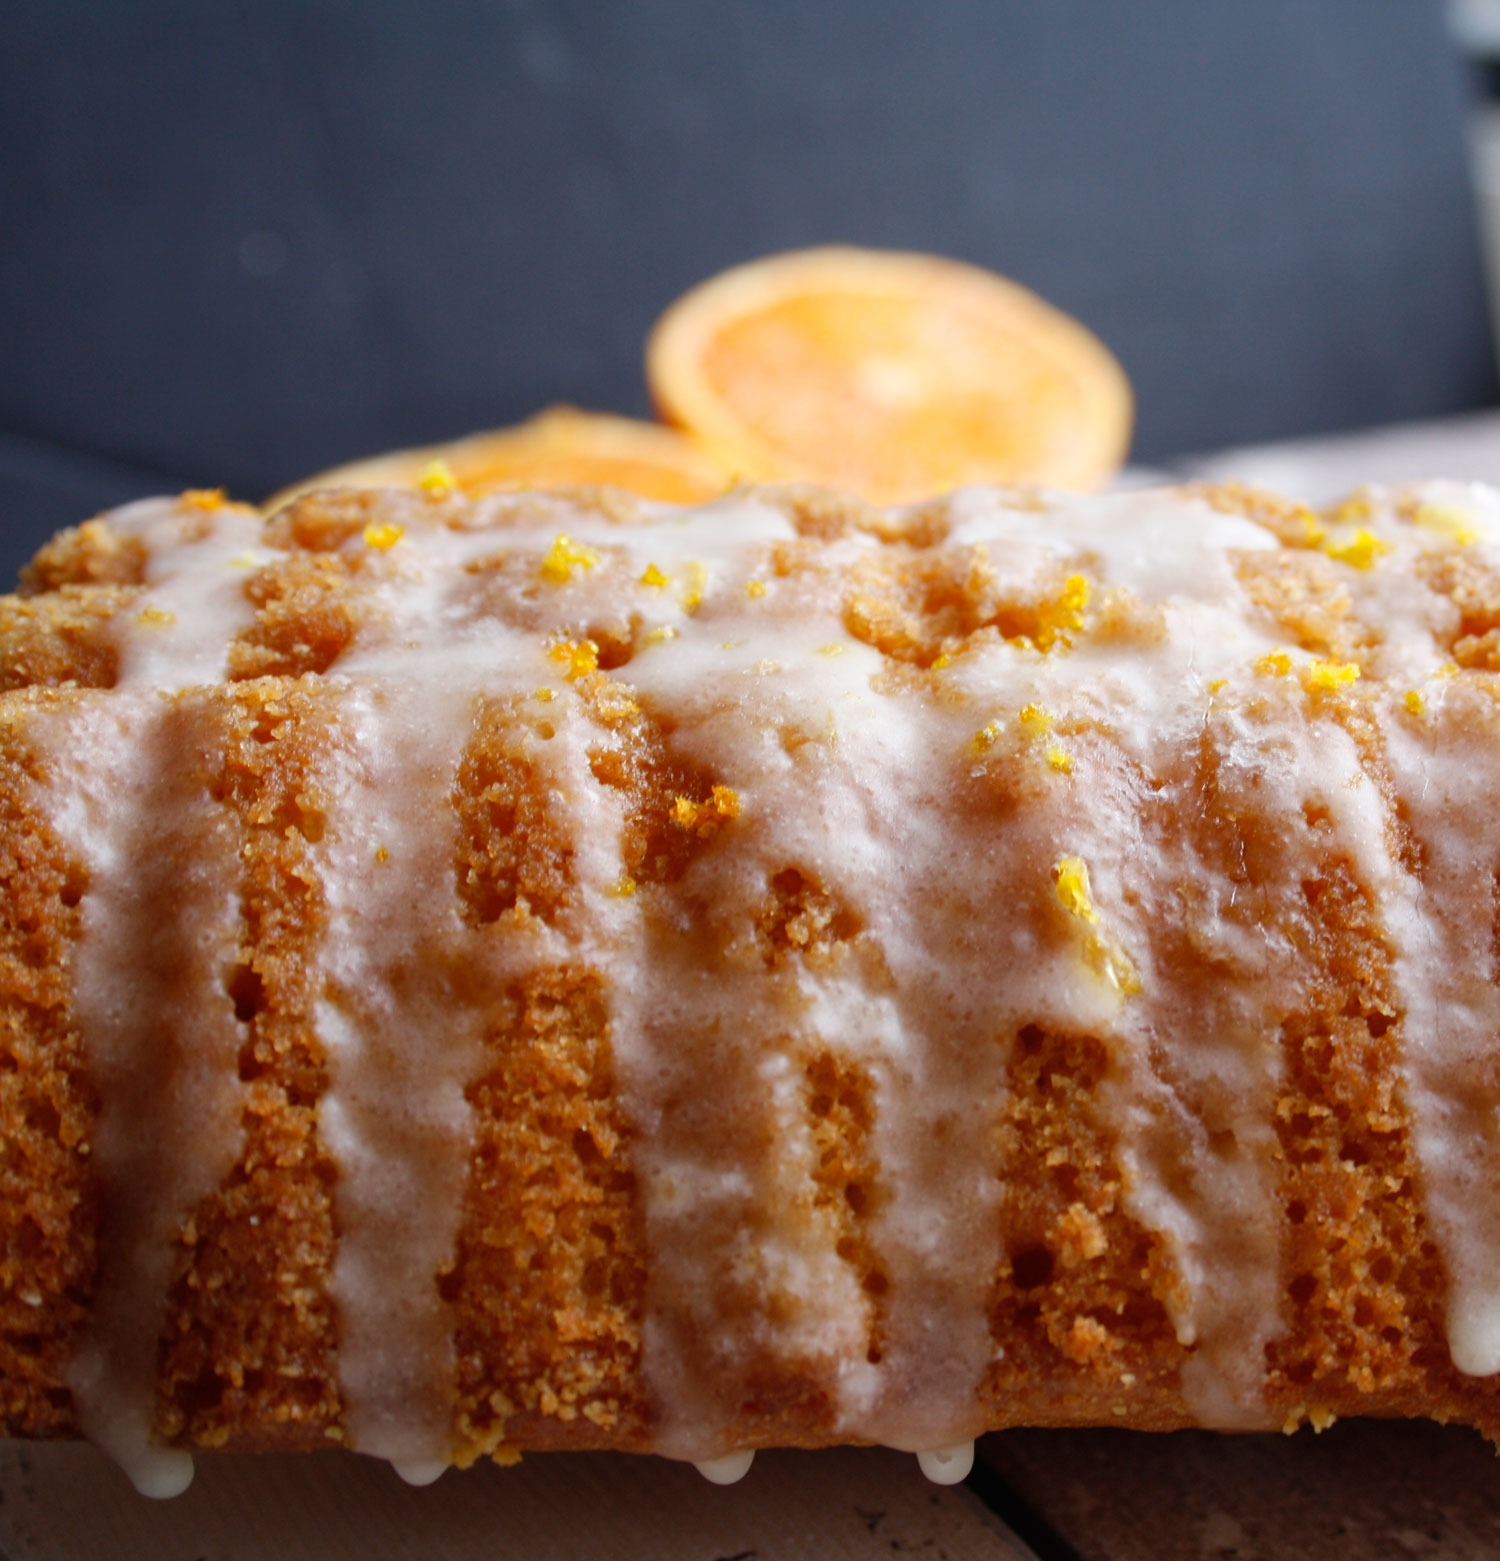 Saftiger Orangenkuchen mit Zuckerguss. Rezept für einen Rührkuchen mit Orange.